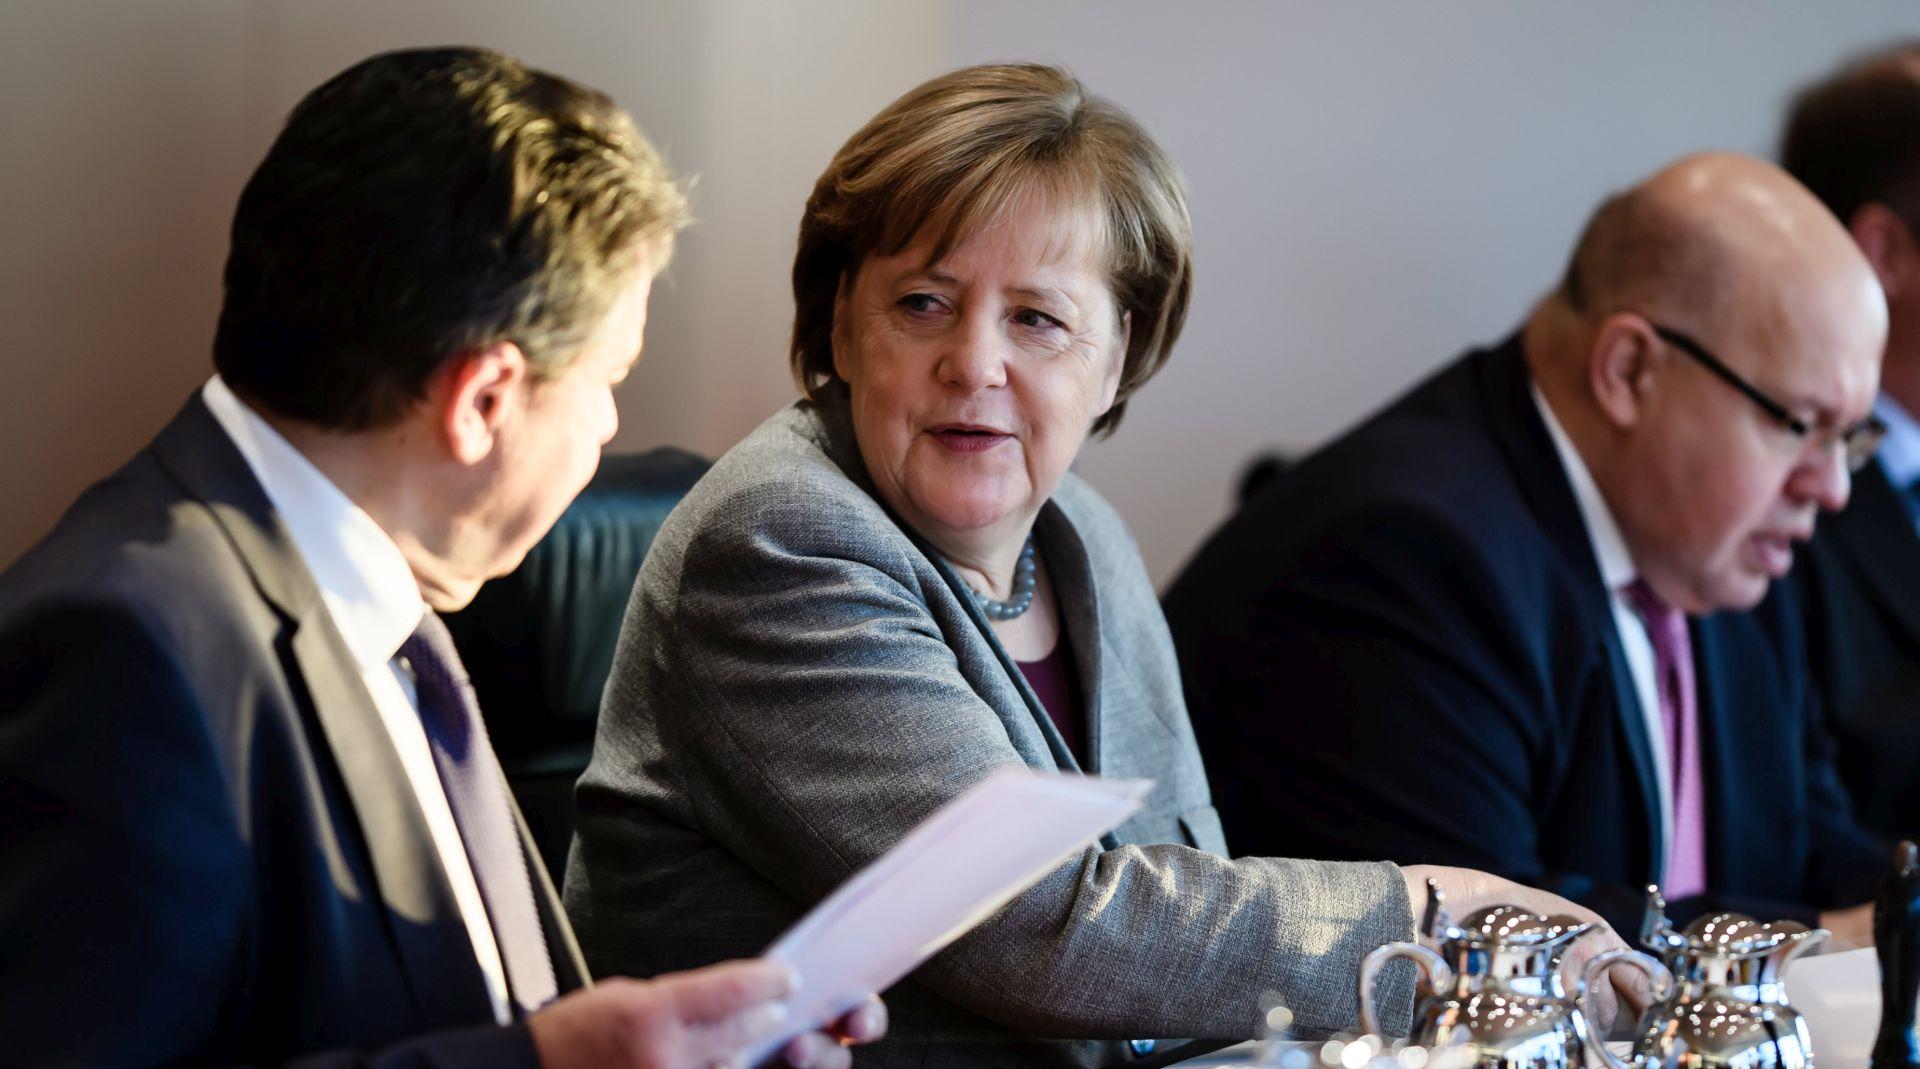 Merkeličina Unija i SPD postigli dogovor o koalicijskim pregovorima